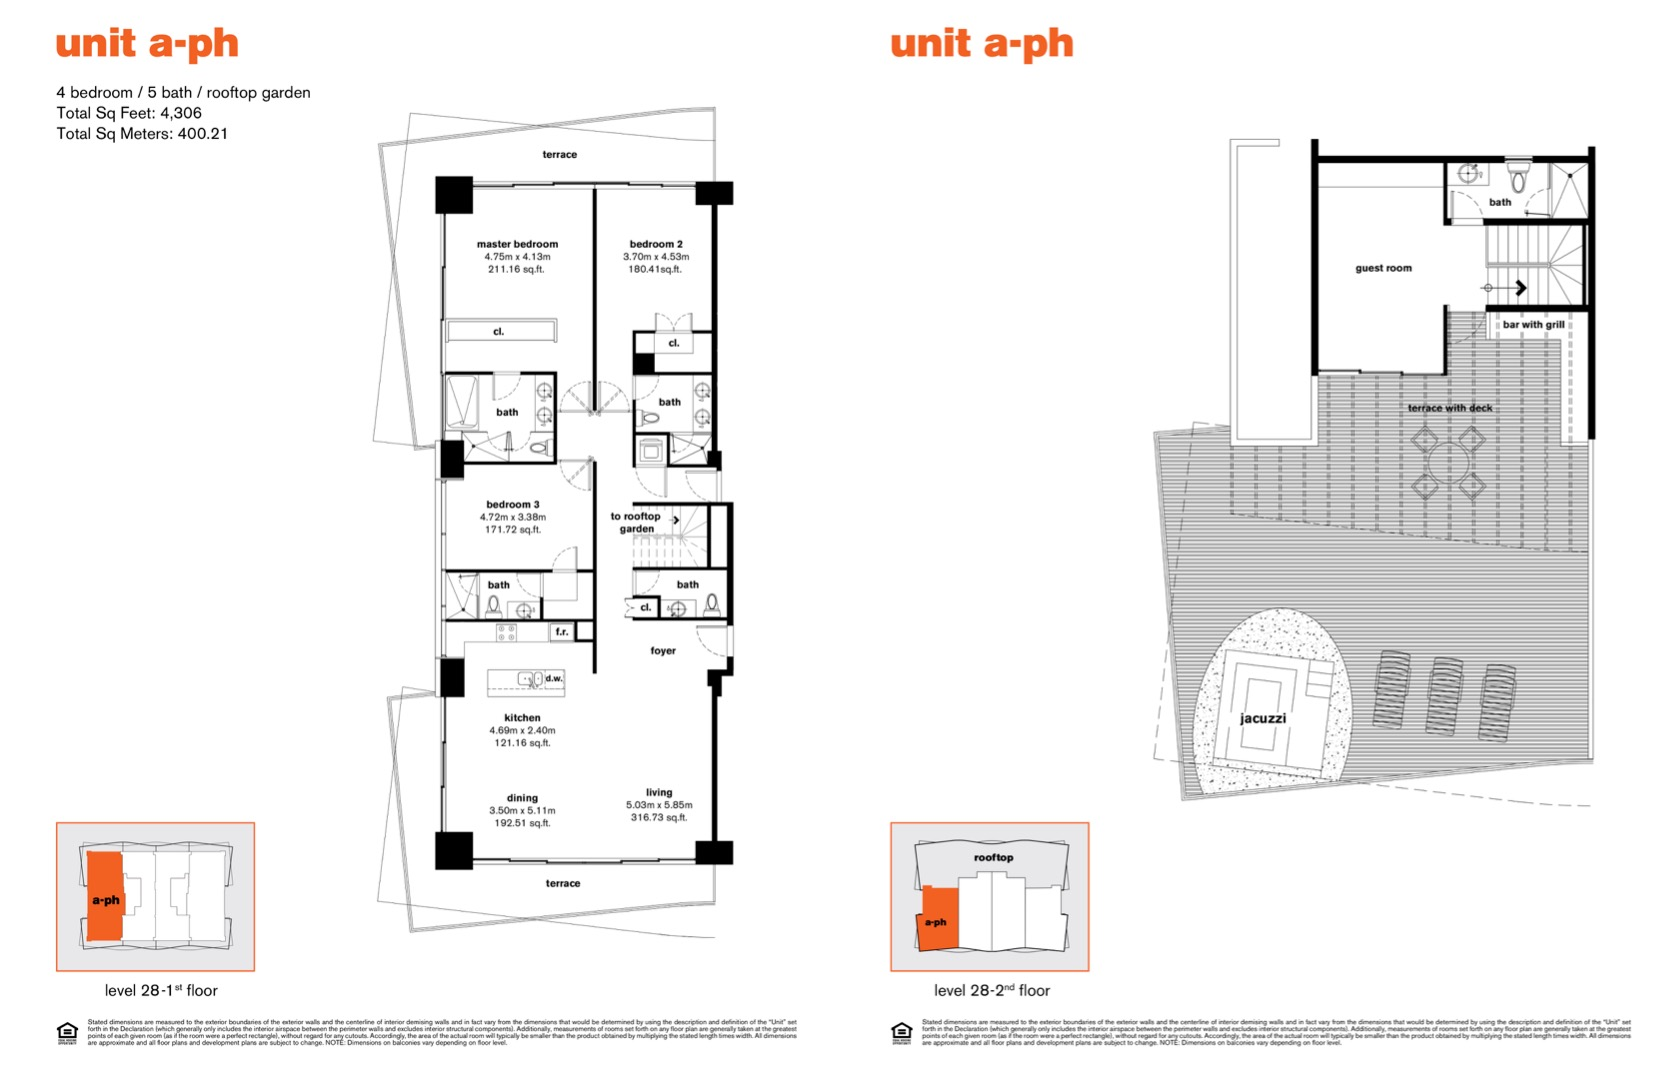 Floor plan image PHAr - 4/5/Garden  - 4306 sqft image